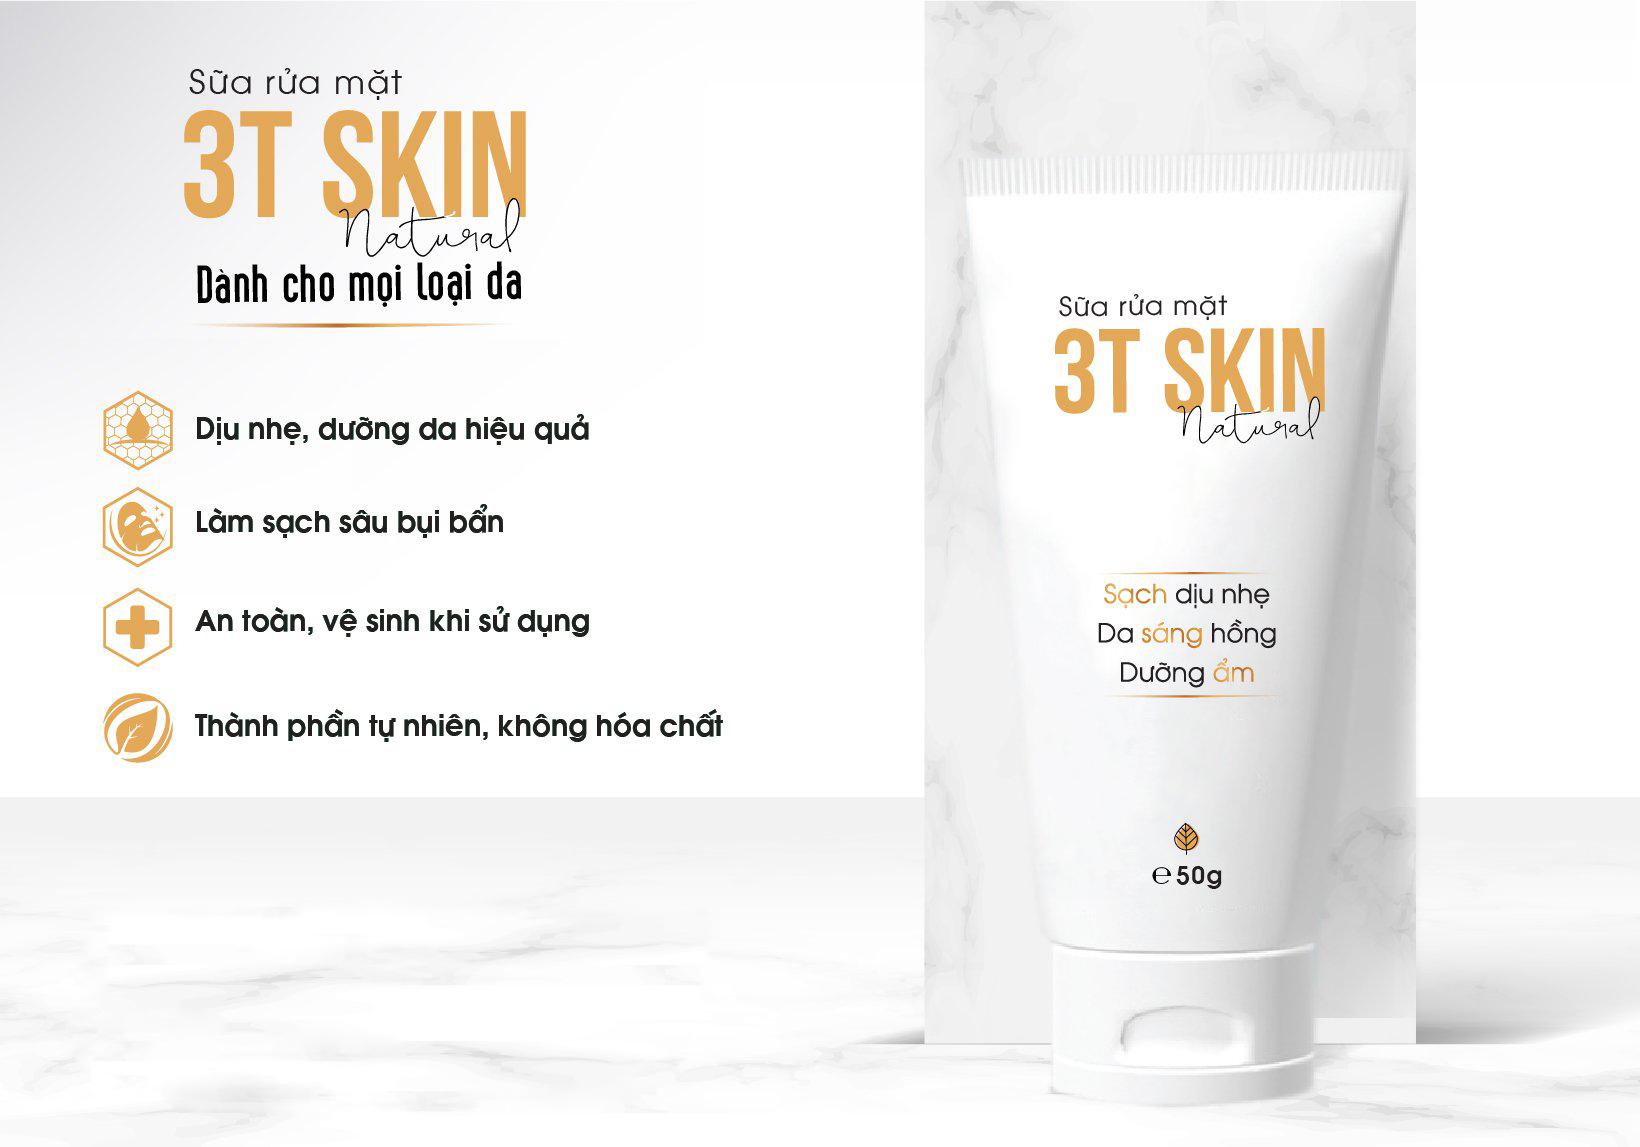 Combo 3 Sữa Rửa Mặt 3T Skin Sạch Sâu Dịu Nhẹ, Da Sáng Mịn Chiết Xuất Thiên Nhiên (50gr)